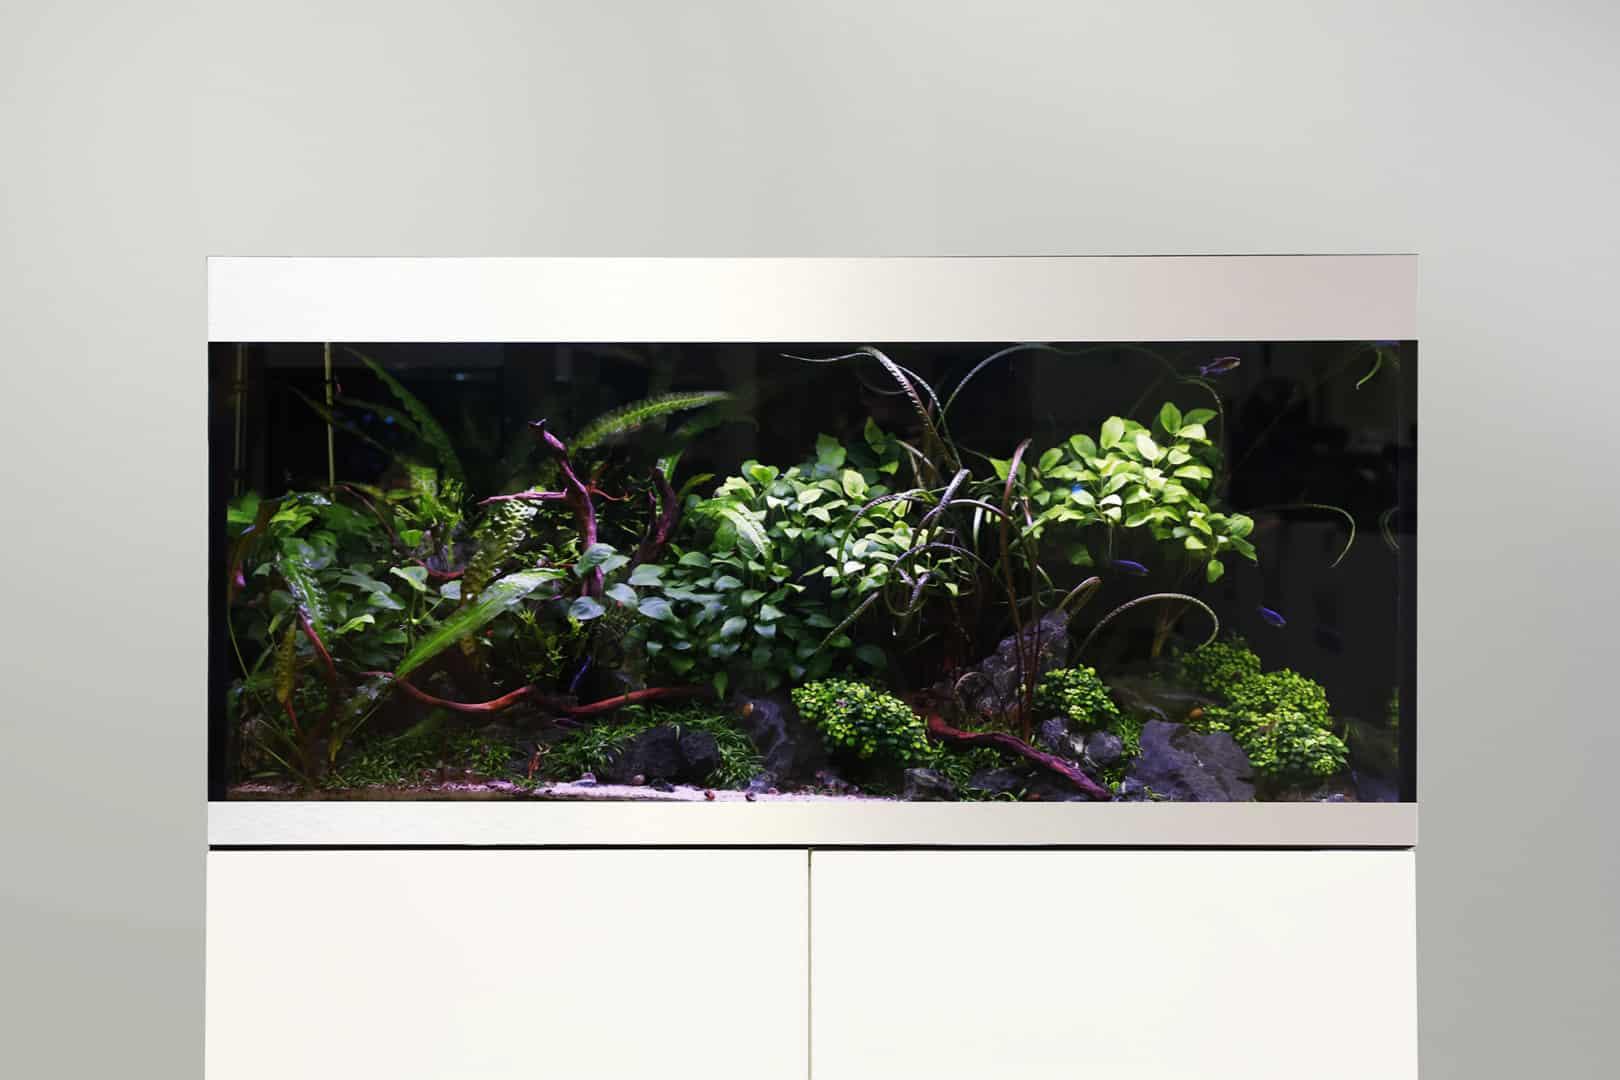 270: Die Ernährung von Zierfischen - Futter für die Aquarienbewohner (Thorsten Muck & Joachim Wilmink) 2